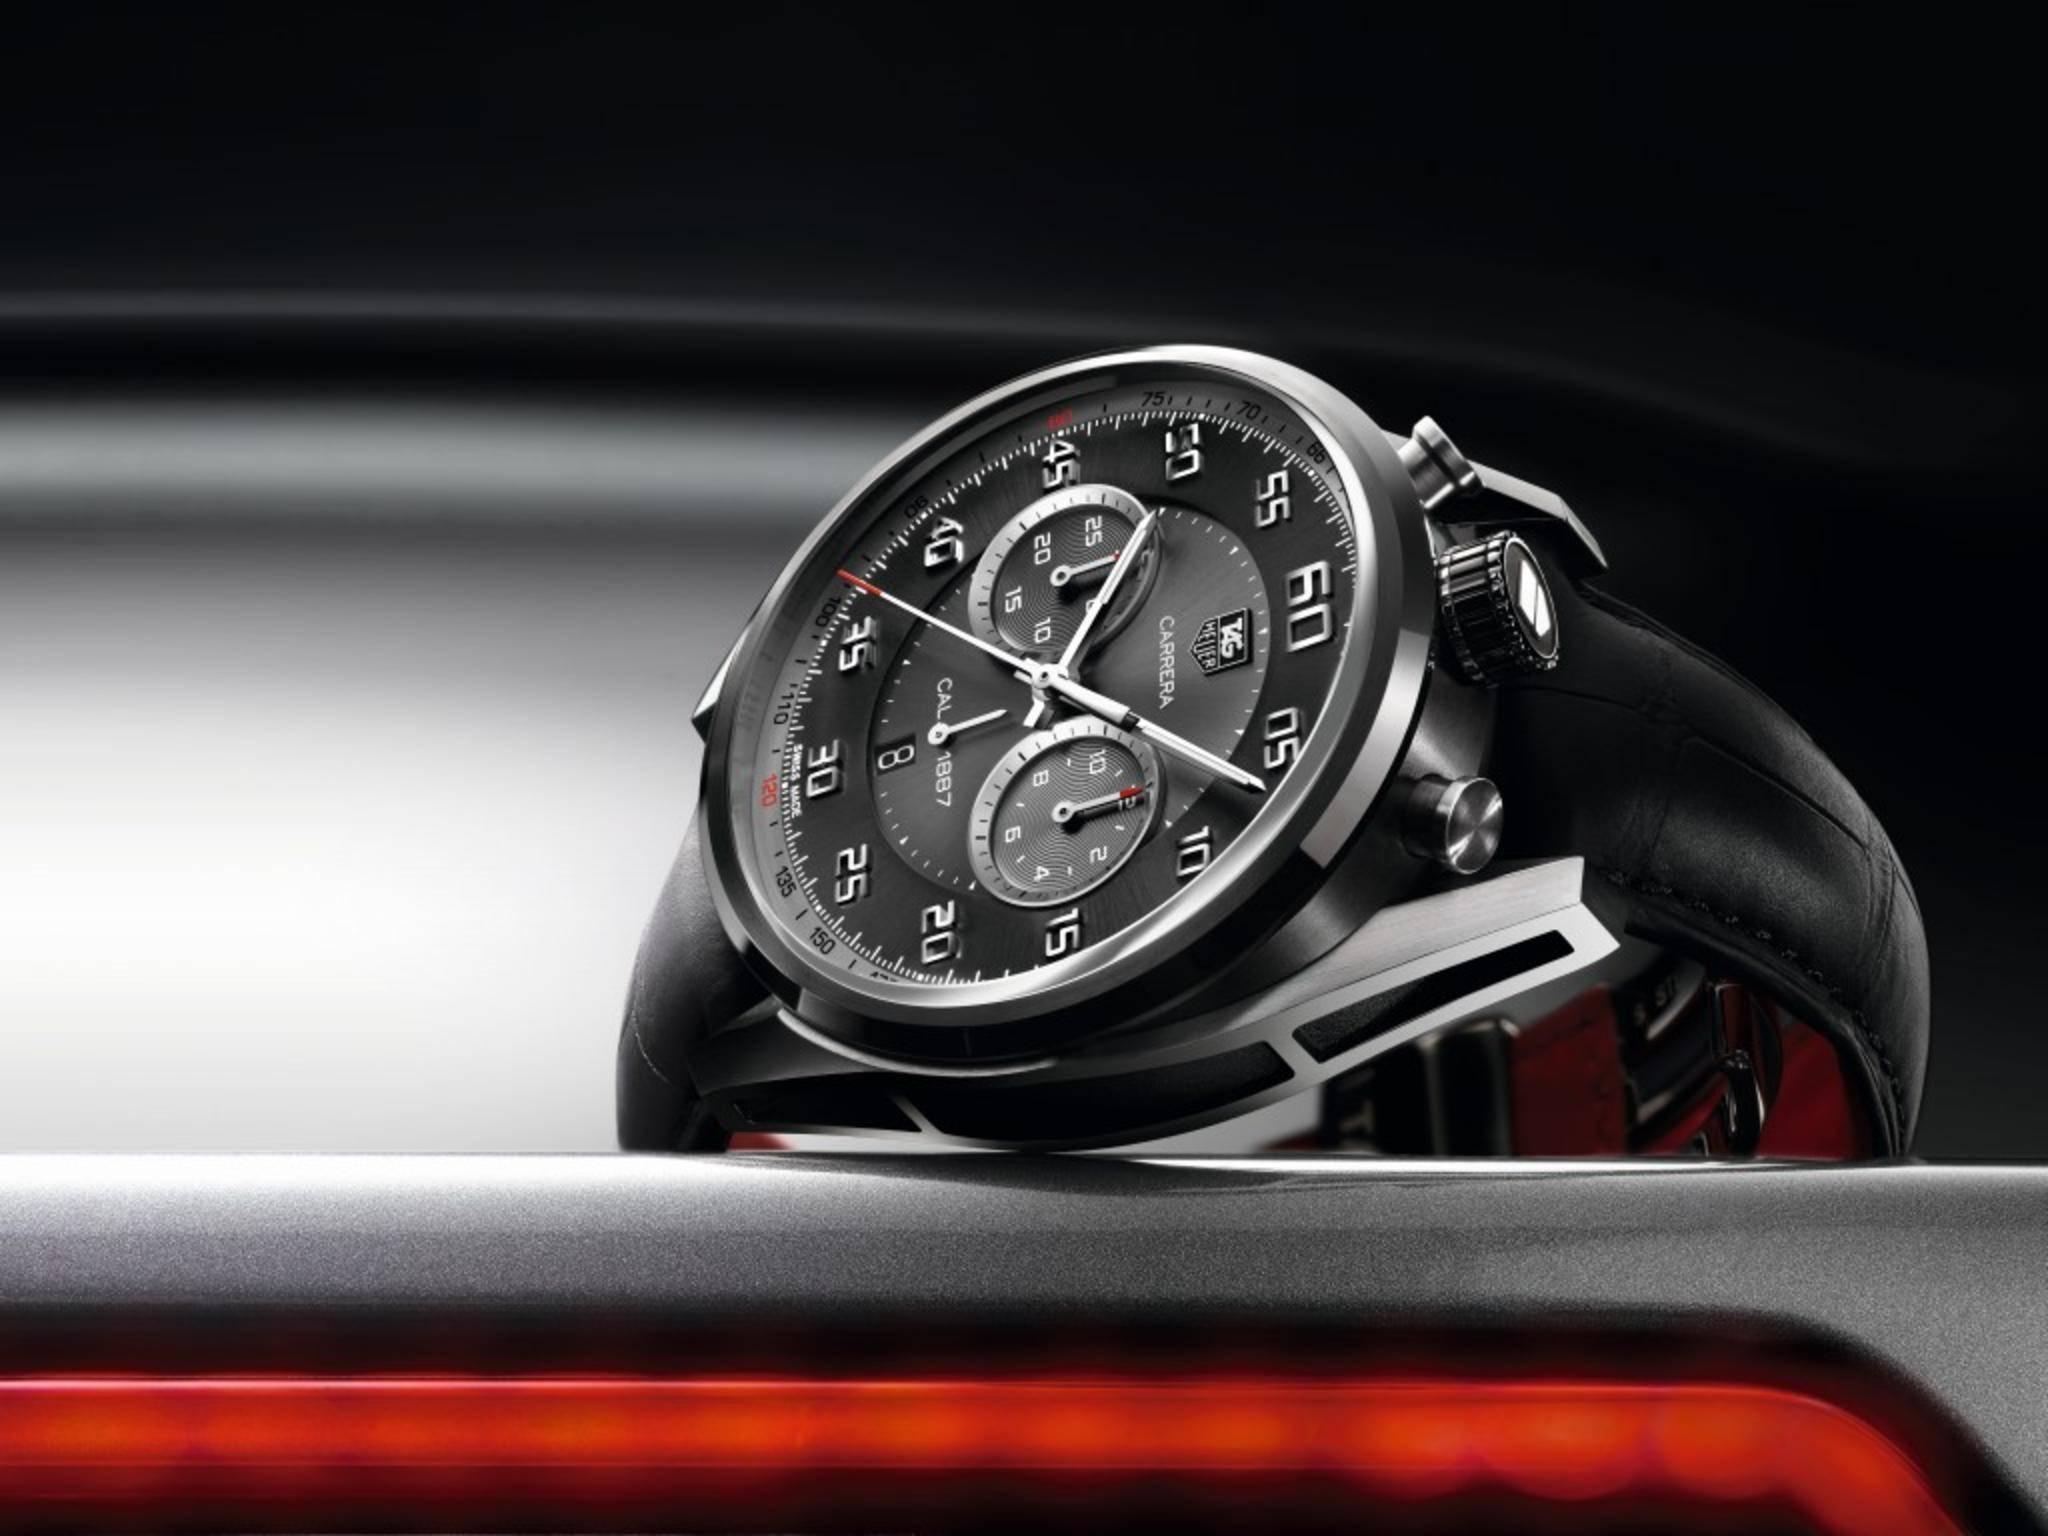 Stellt TAG Heuer auf der CES 2015 eine intelligente Uhr vor?